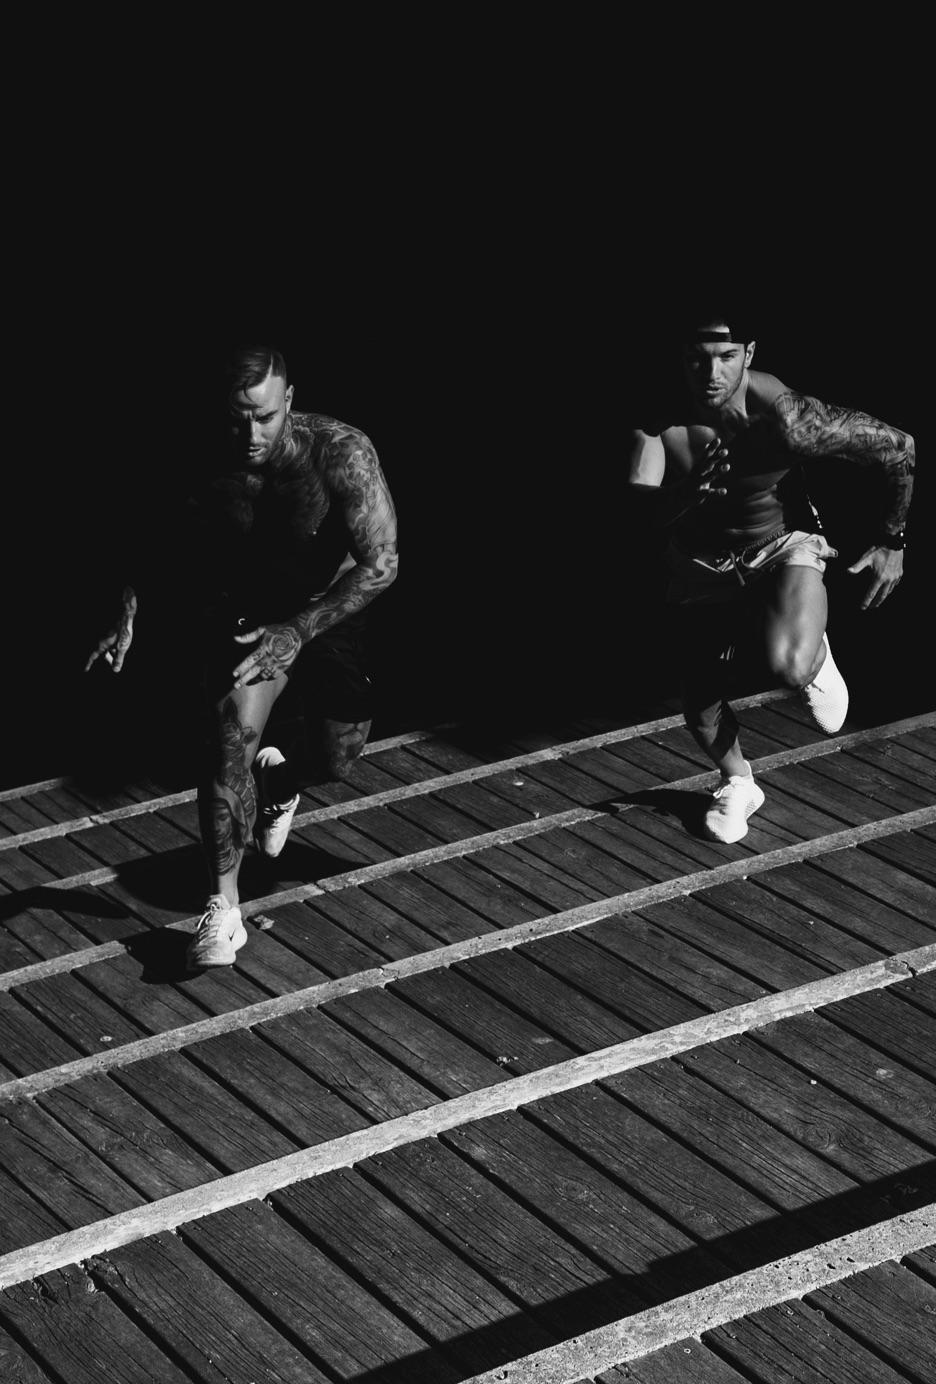 Two shirtless, muscular men racing.